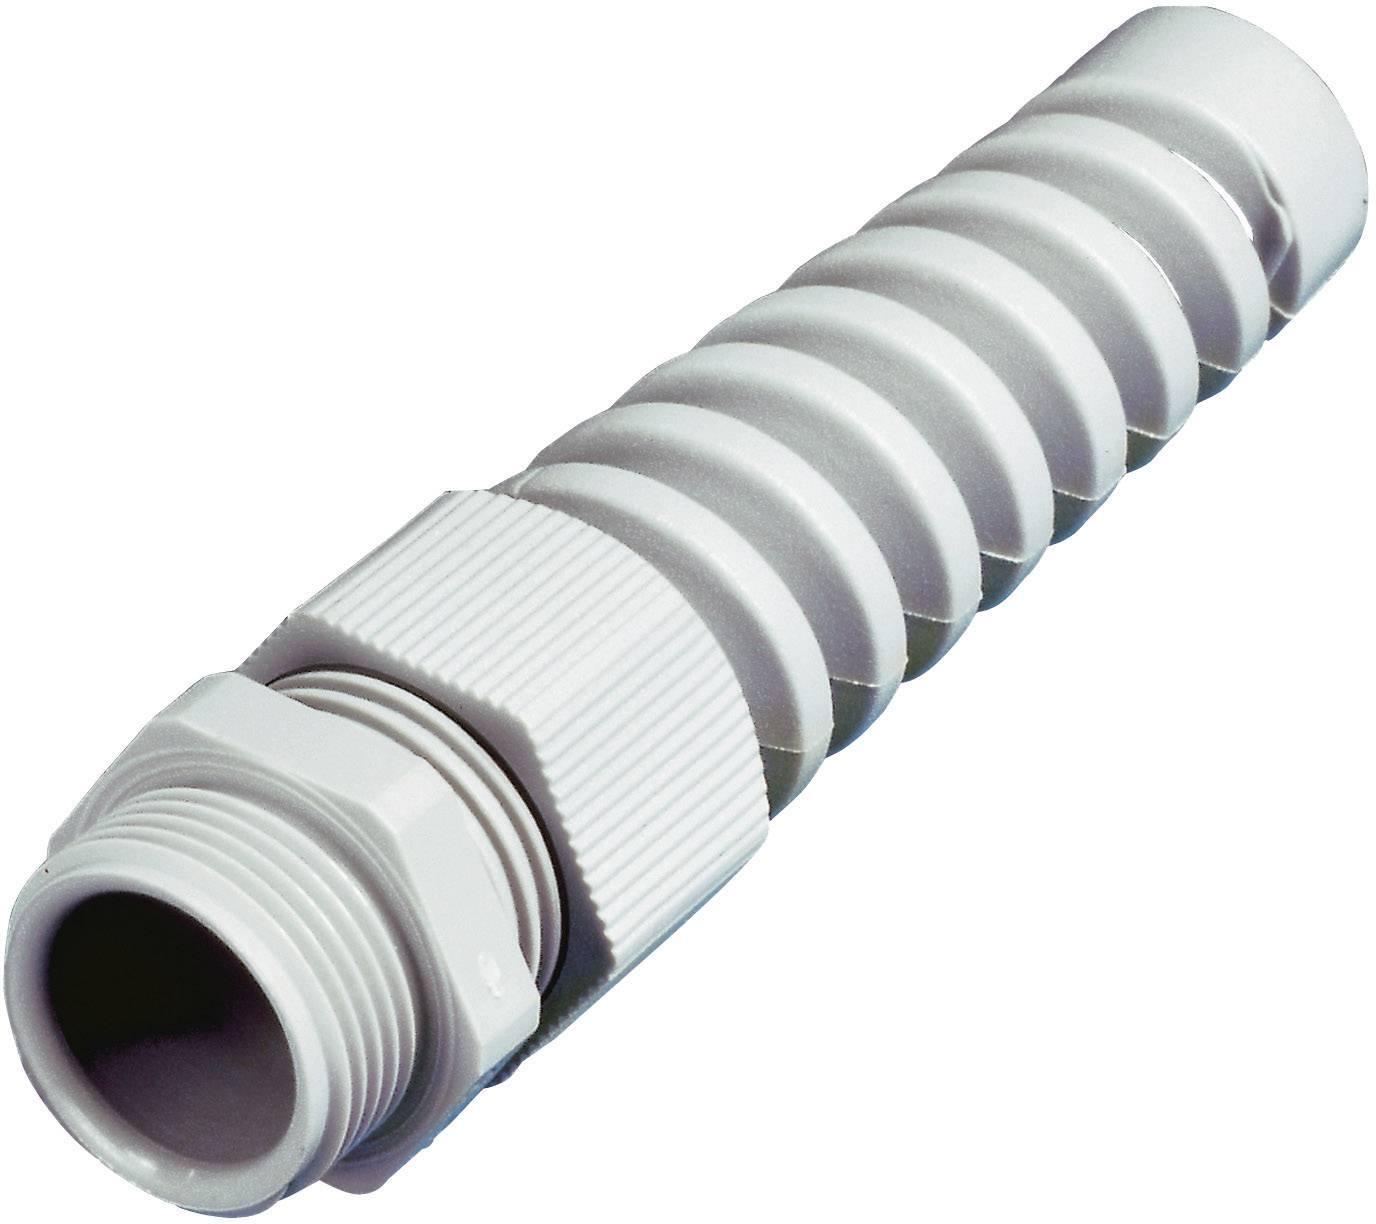 Káblová priechodka Wiska SKVS PG 9 RAL 9005;s odľahčením ťahu, s ochranou pred zlomením, polyamid, čierna, 1 ks